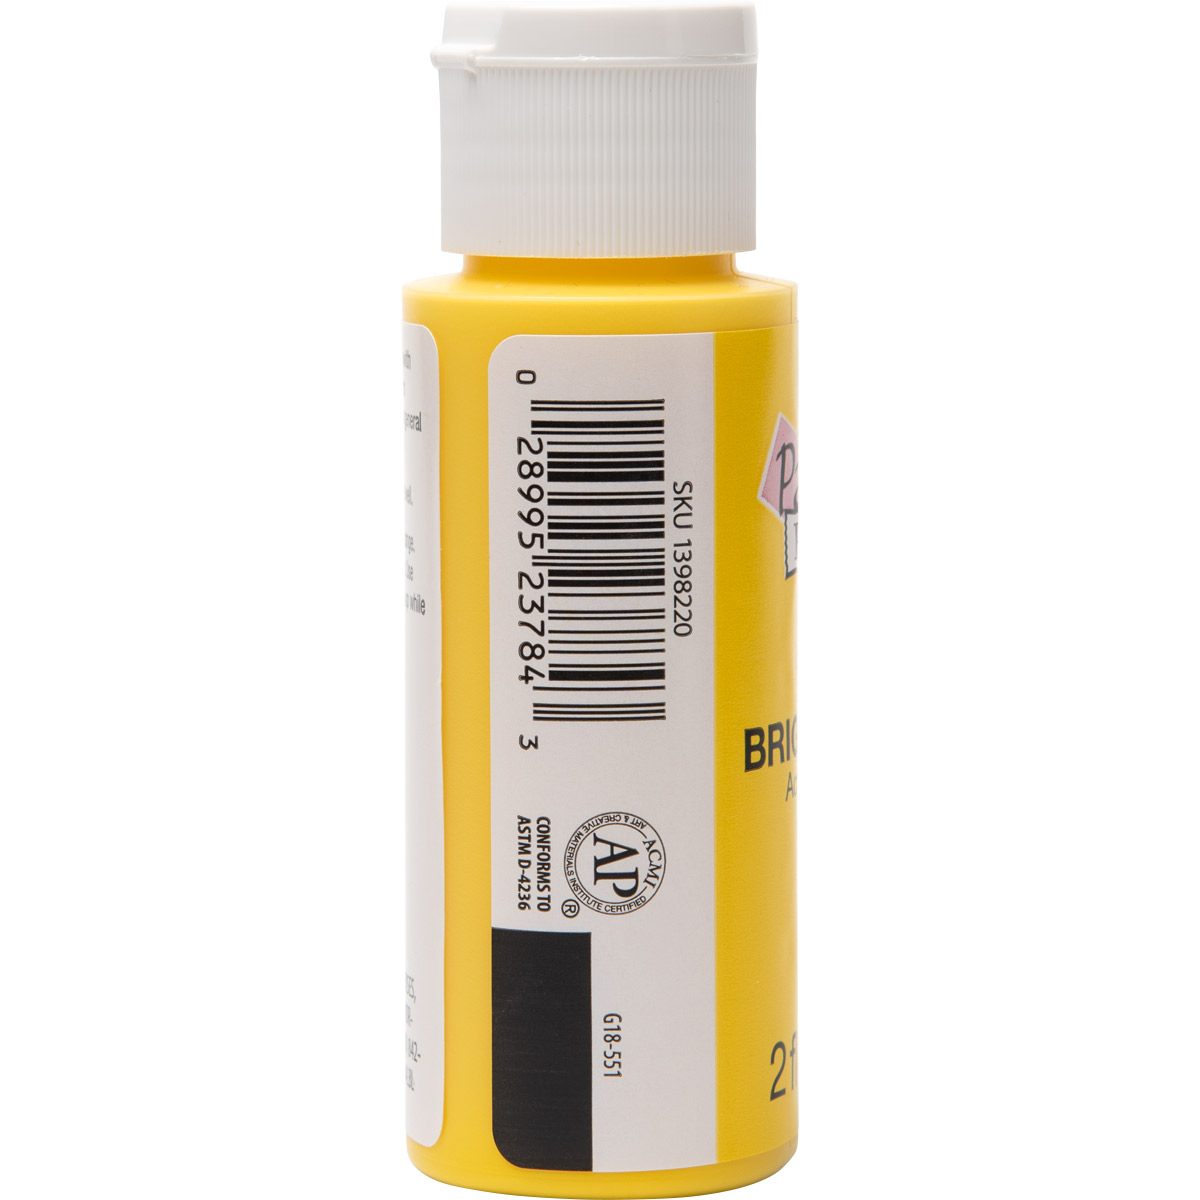 Plaid ® Painter's Palette™ Acrylic Paint - Bright Yellow, 2 oz.